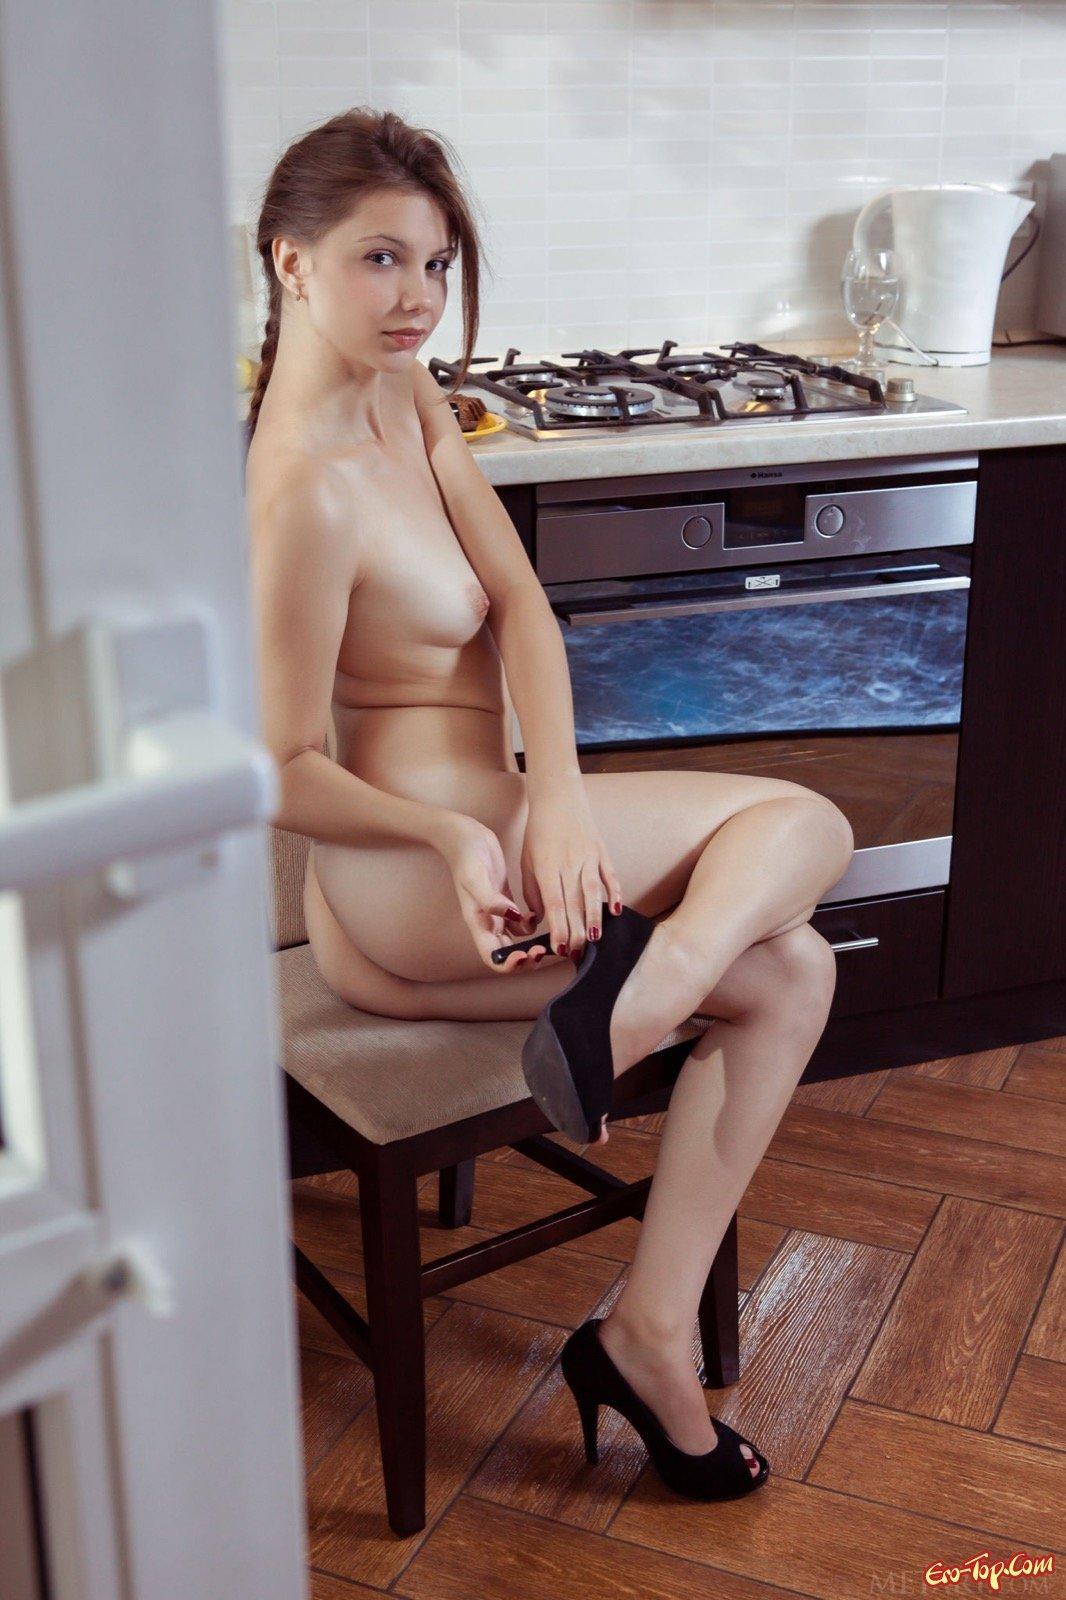 Девушка сняла платье и спустила трусики на кухне